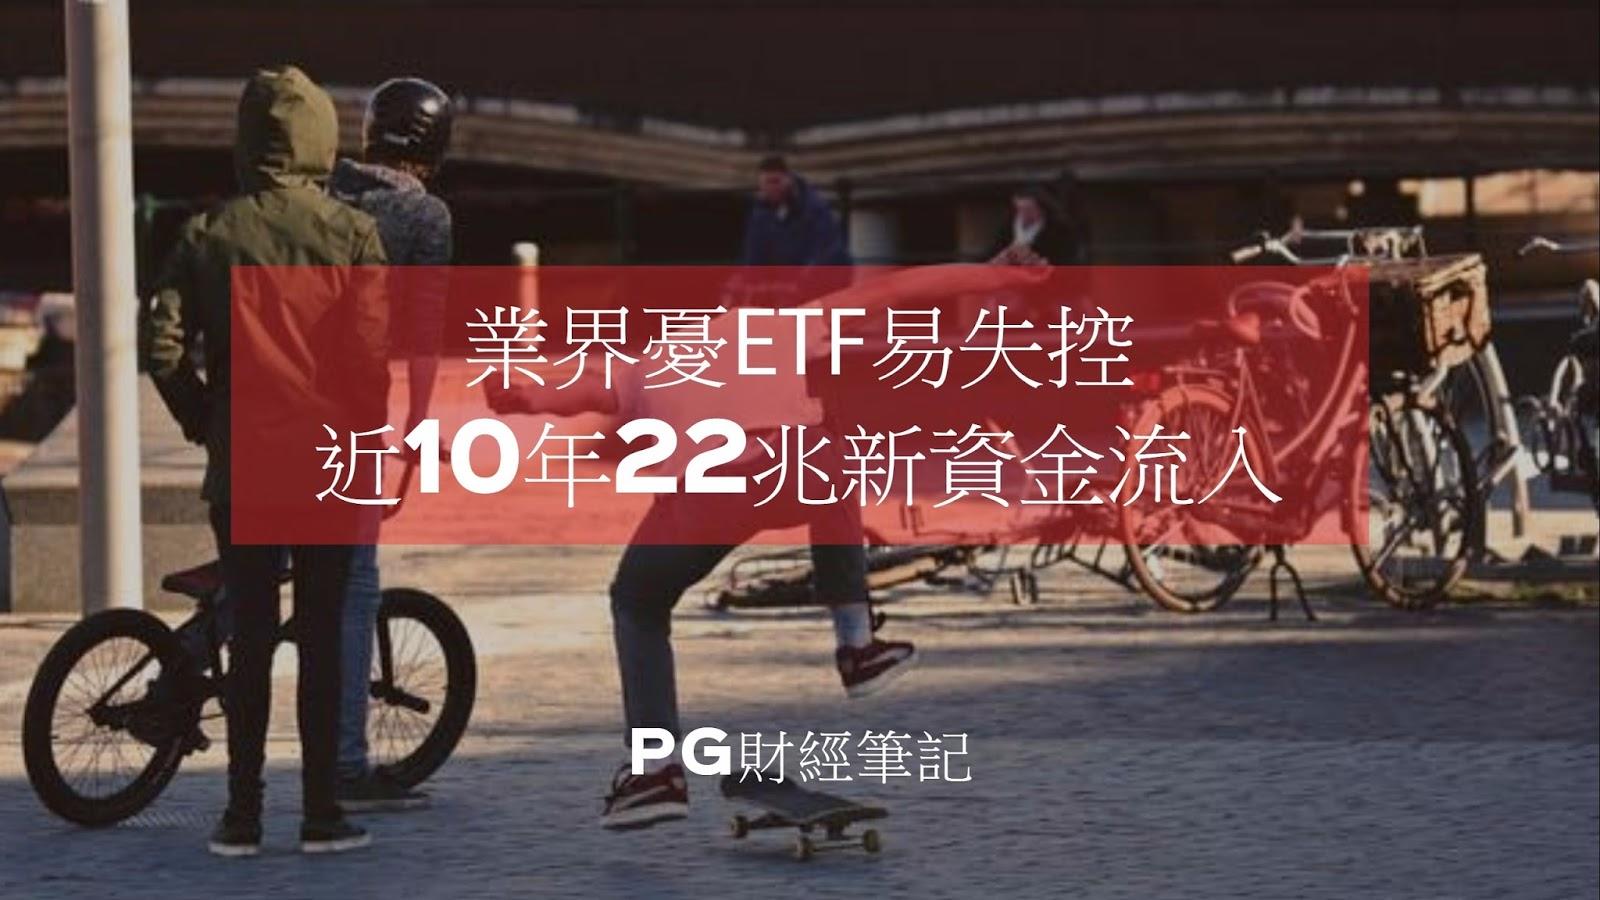 「業界憂ETF易失控 | 近10年22兆新資金流入」的圖片搜尋結果